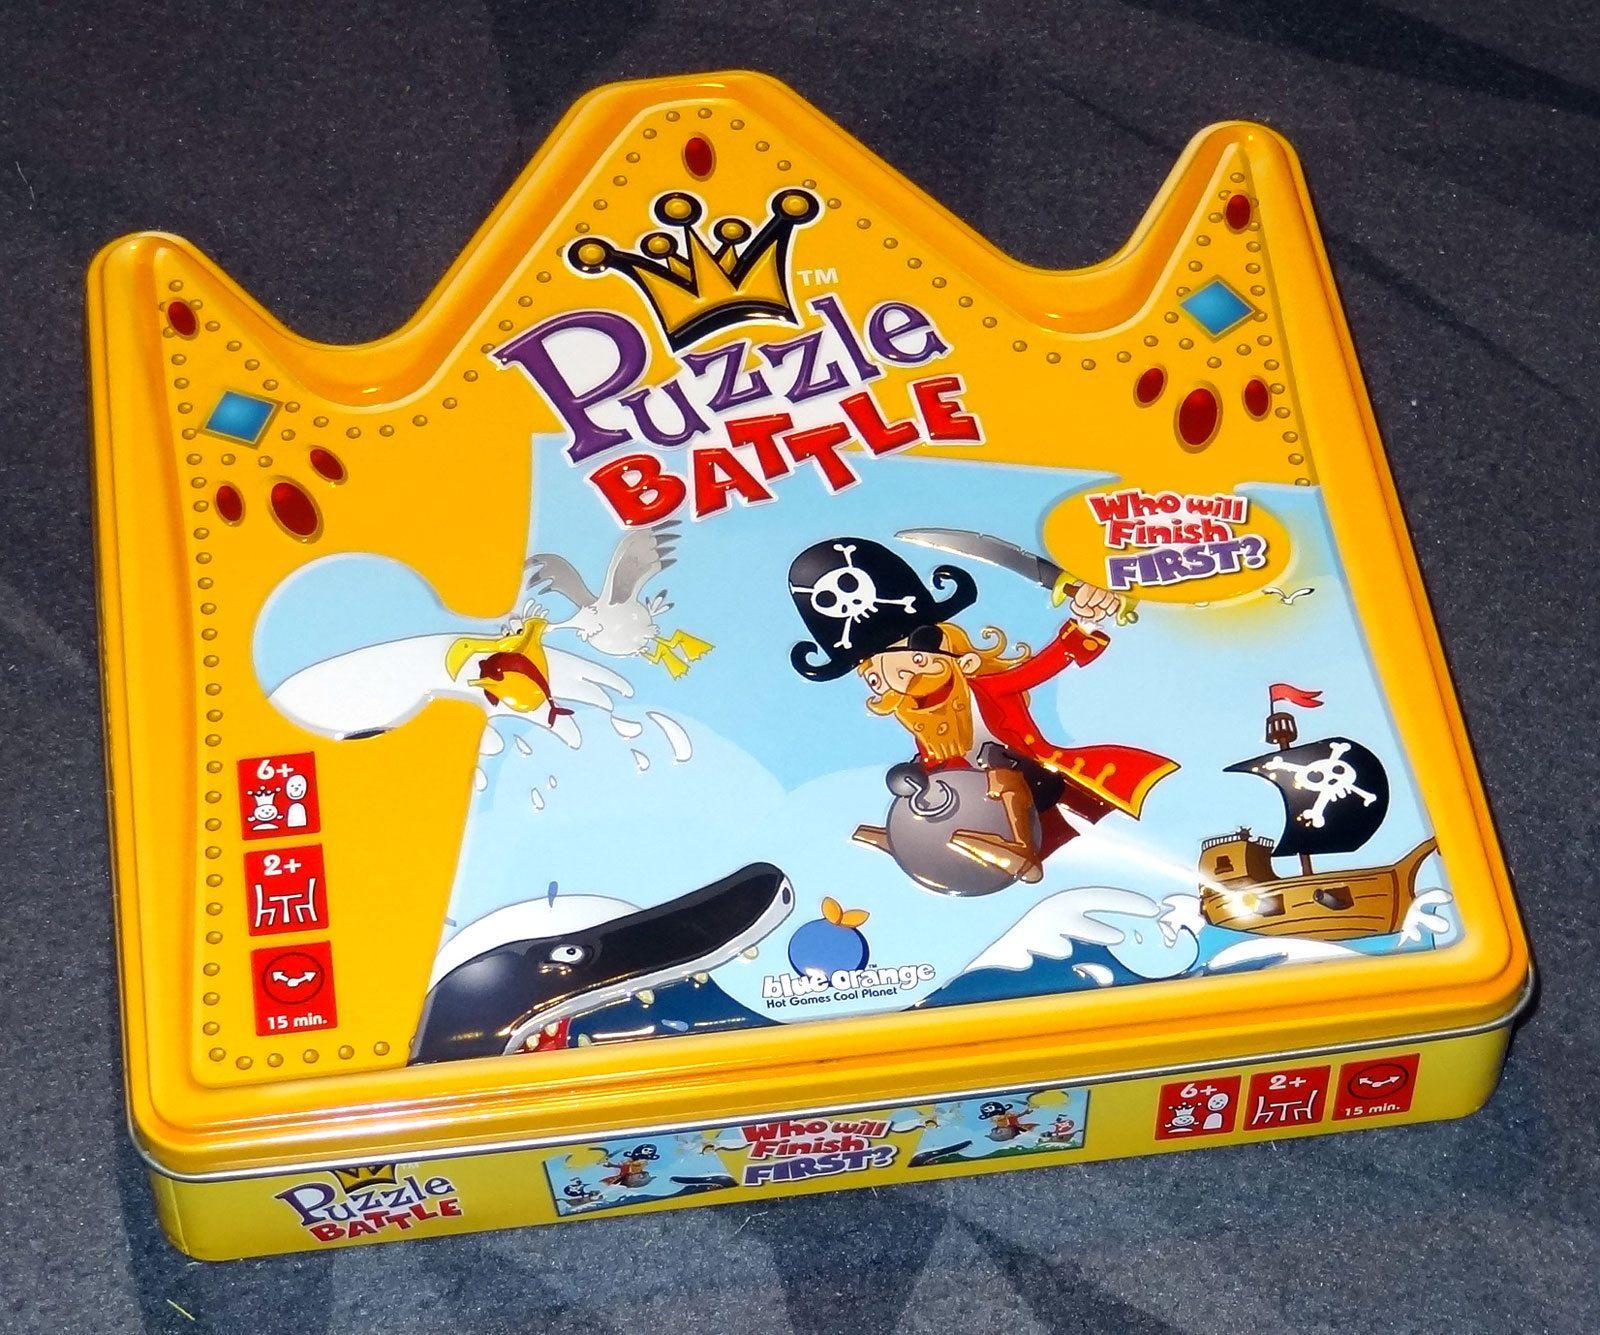 Puzzle Battle box